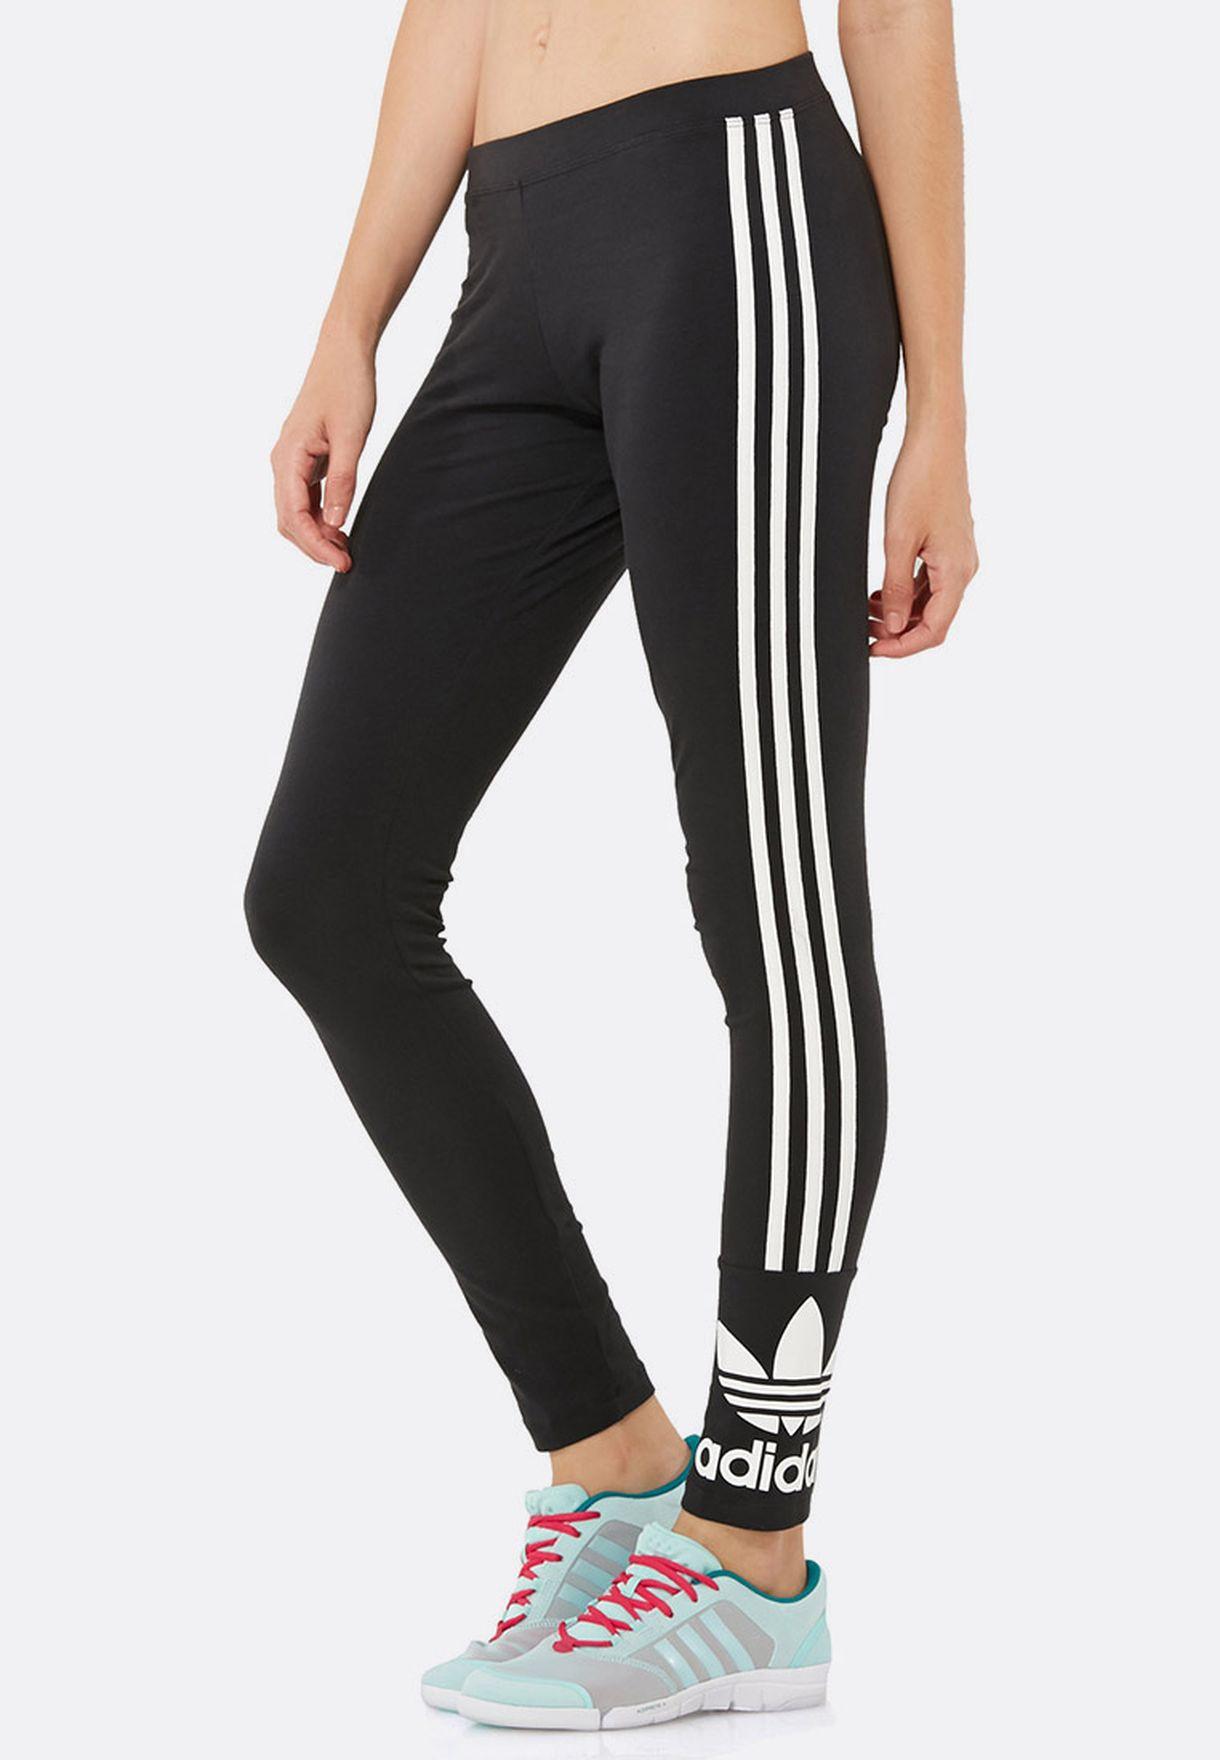 Tref Saudi Originals Shop Women Leggings In M30707 Black For Adidas vtxPxzf